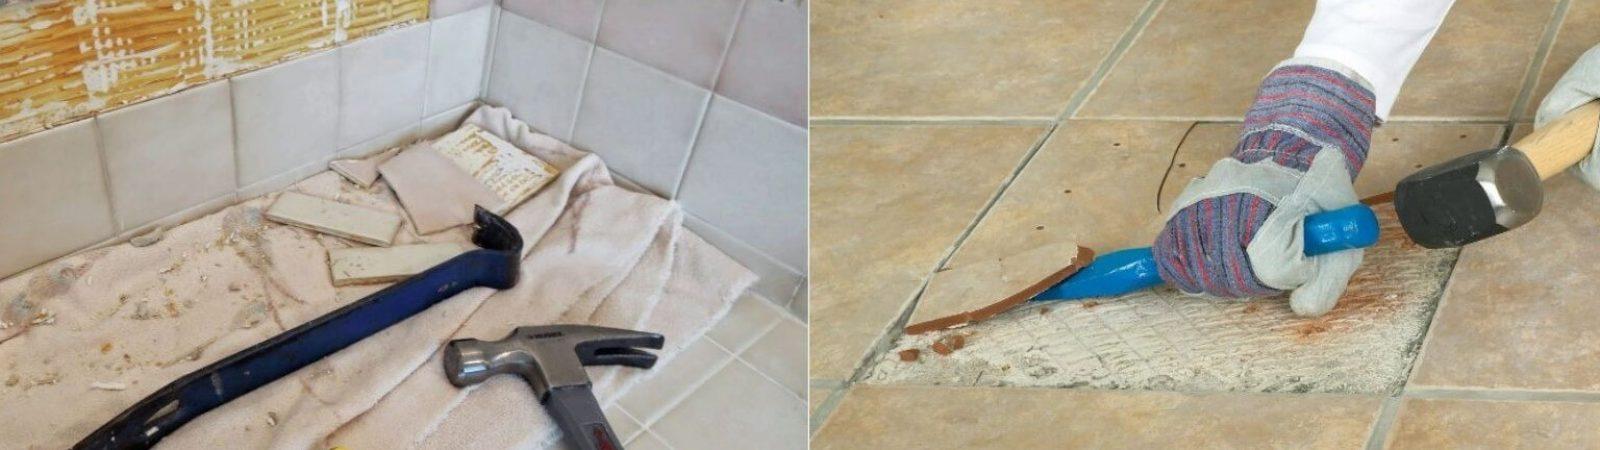 Демонтаж плитки: как снять старую плитку